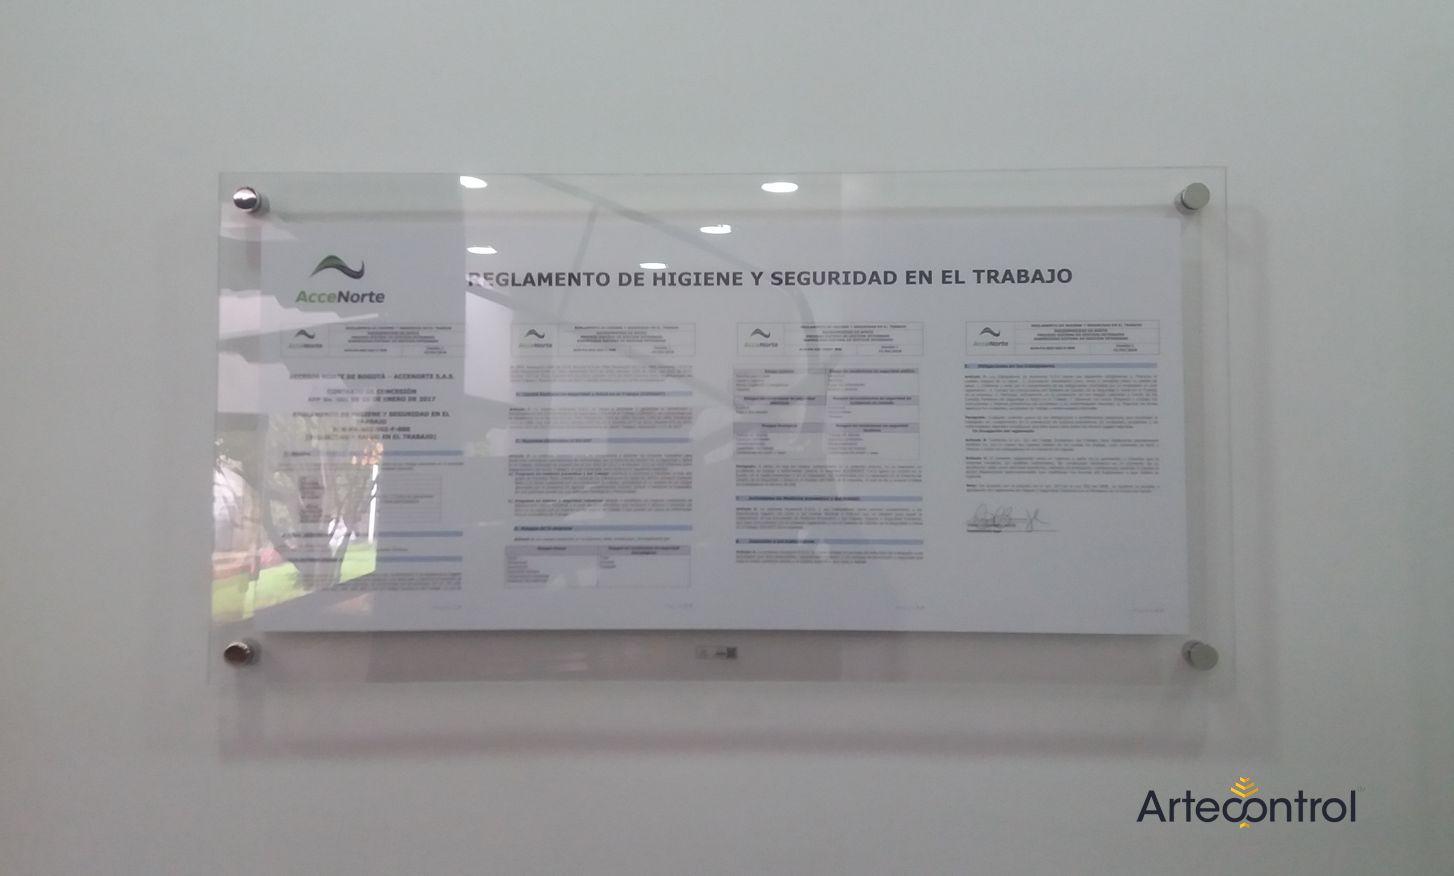 REGLAMENTO DE HIGIENE Y SEGURIDAD EN EL